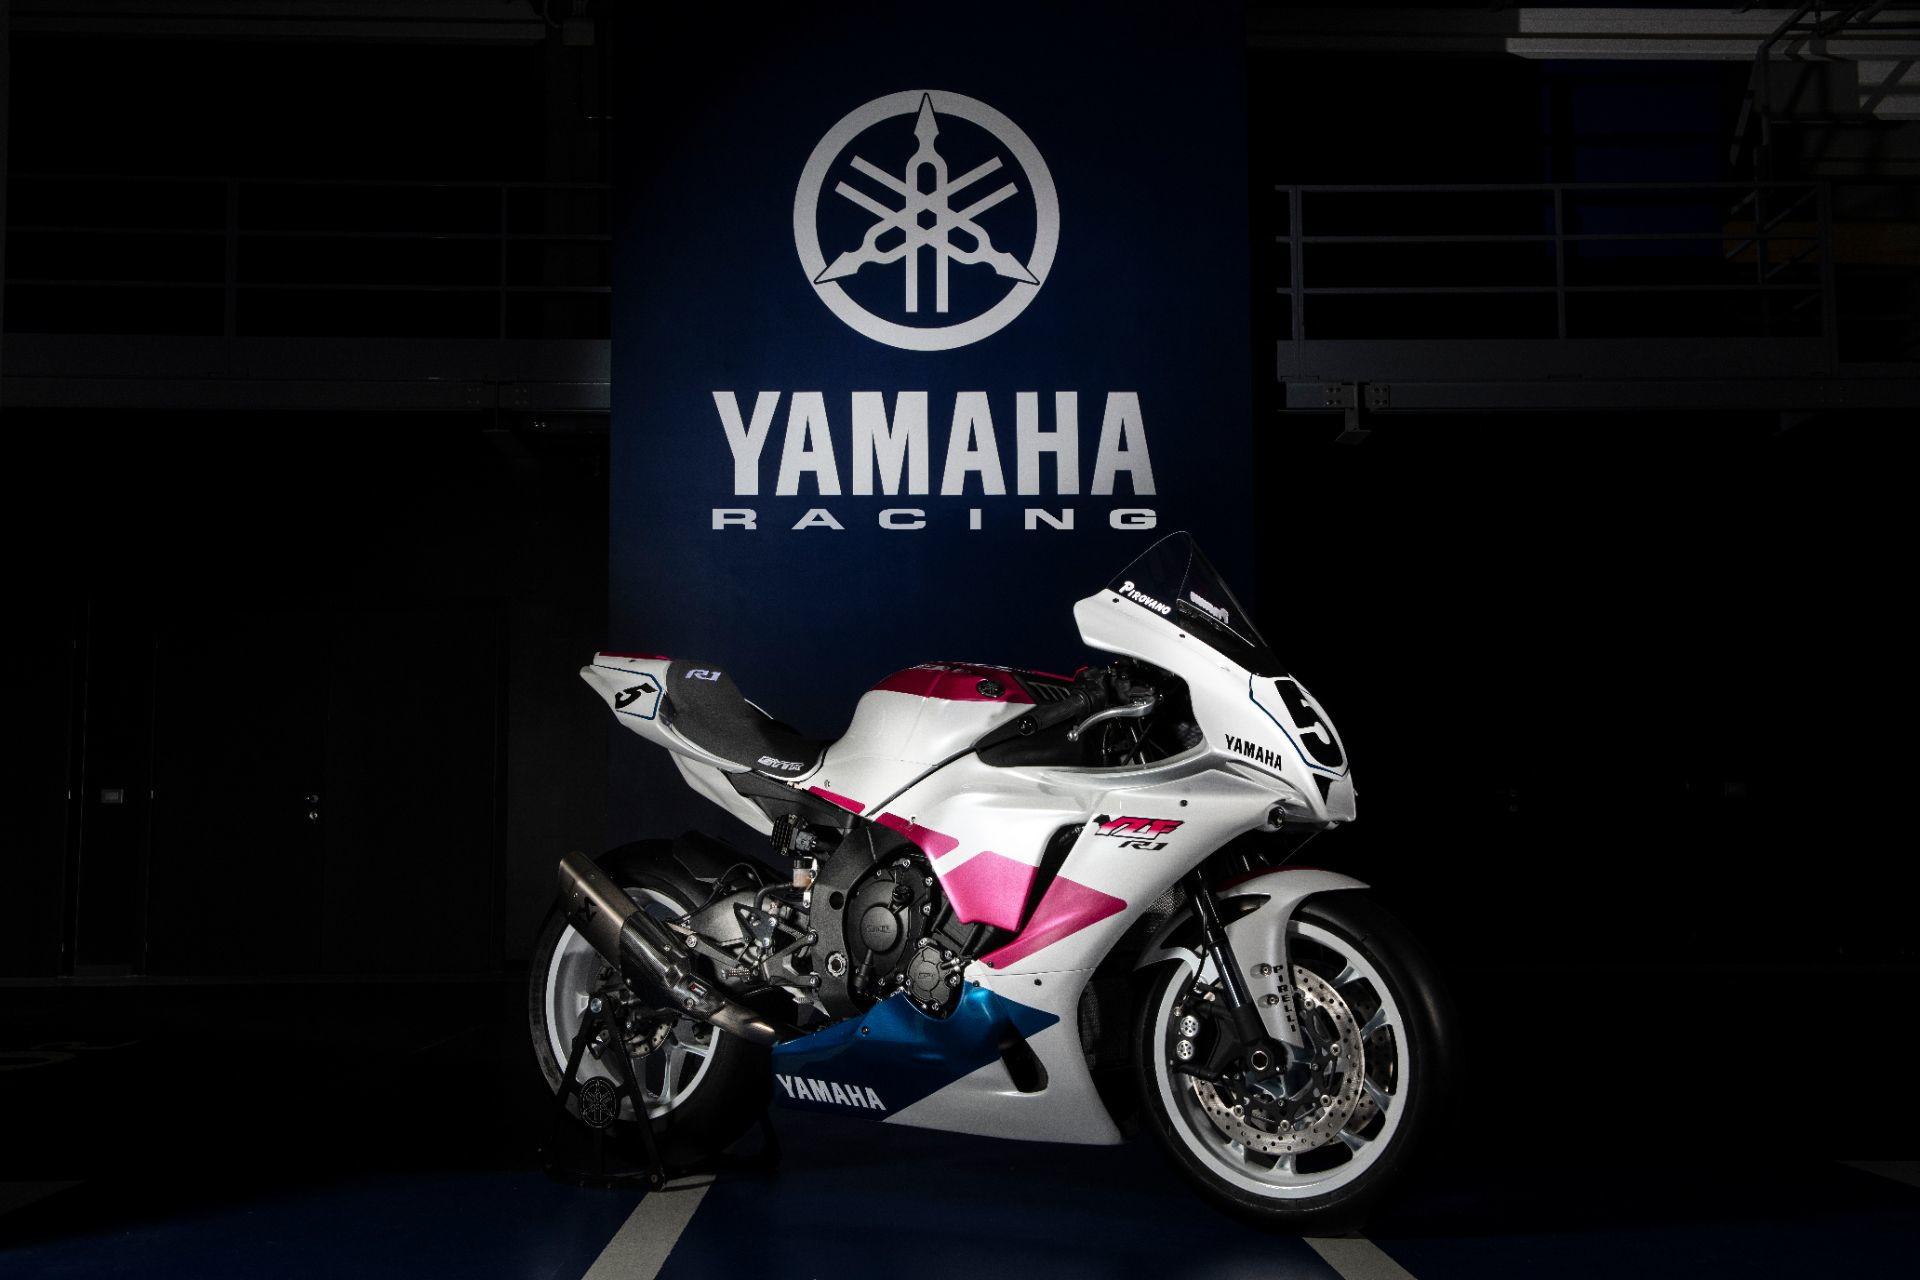 """In occasione del round di Estoril del Mondiale Superbike, Yamaha ha presentato un&#39;edizione davvero speciale della sua R1. Si tratta di un modello dedicato all&#39;indimenticato campione brianzolo Fabrizio Pirovano, scomparso a soli 56 anni per un male incurabile. La moto, realizzata con i colori e il suo inconfondibile numero 5 portati in pista da &quot;Piro&quot; nel 1993 in occasione della sua decima e ultima vittoria&nbsp;in Sbk&nbsp;proprio all&#39;Estoril, <u><strong><a href=""""https://www.ebay.co.uk/itm/One-of-a-kind-Fabrizio-Pirovano-Replica-Yamaha-R1/383775664109?deliveryName=DM68764"""" target=""""_blank"""">sar&agrave; all&#39;asta</a></strong></u> fino all&#39;1 novembre. Chi se la aggiudicher&agrave;, potr&agrave; scegliere se averle in versione street legal o da pista. Il ricavato andr&agrave; in beneficienza.<br /><br />"""